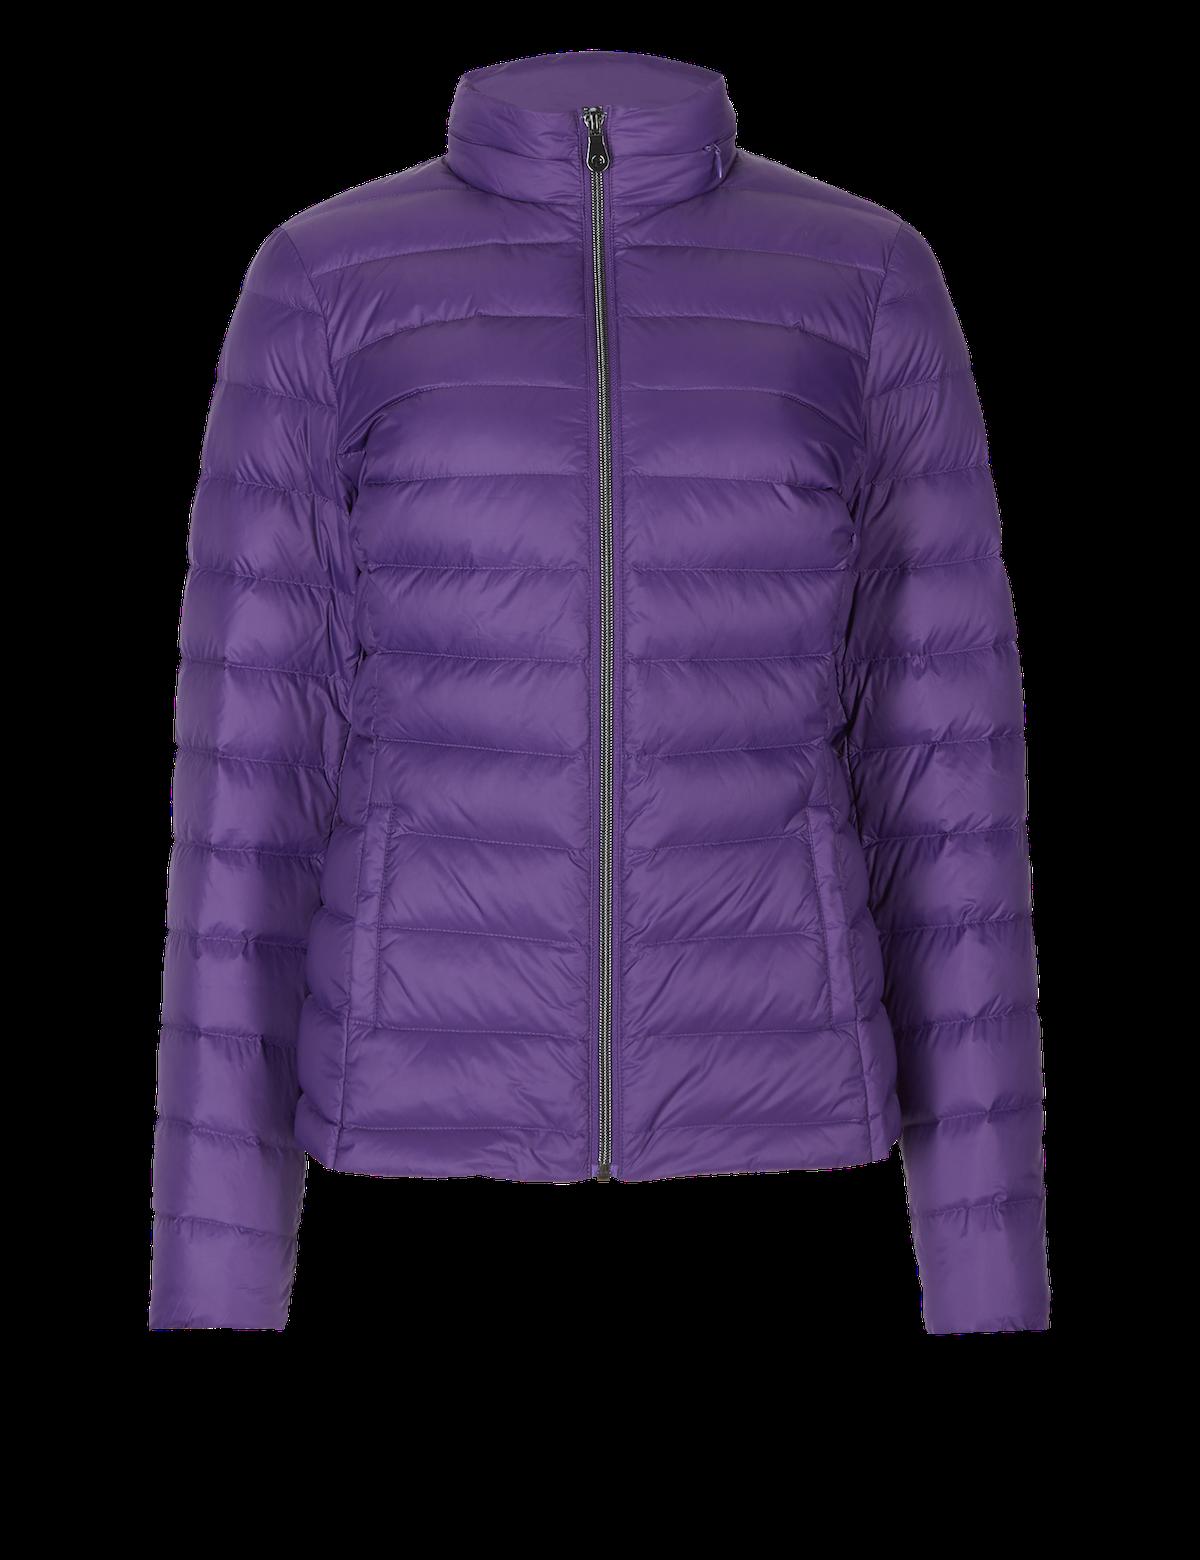 Řada Active Wear nově zahrnuje také péřové bundy a vesty pro chladnější počasí